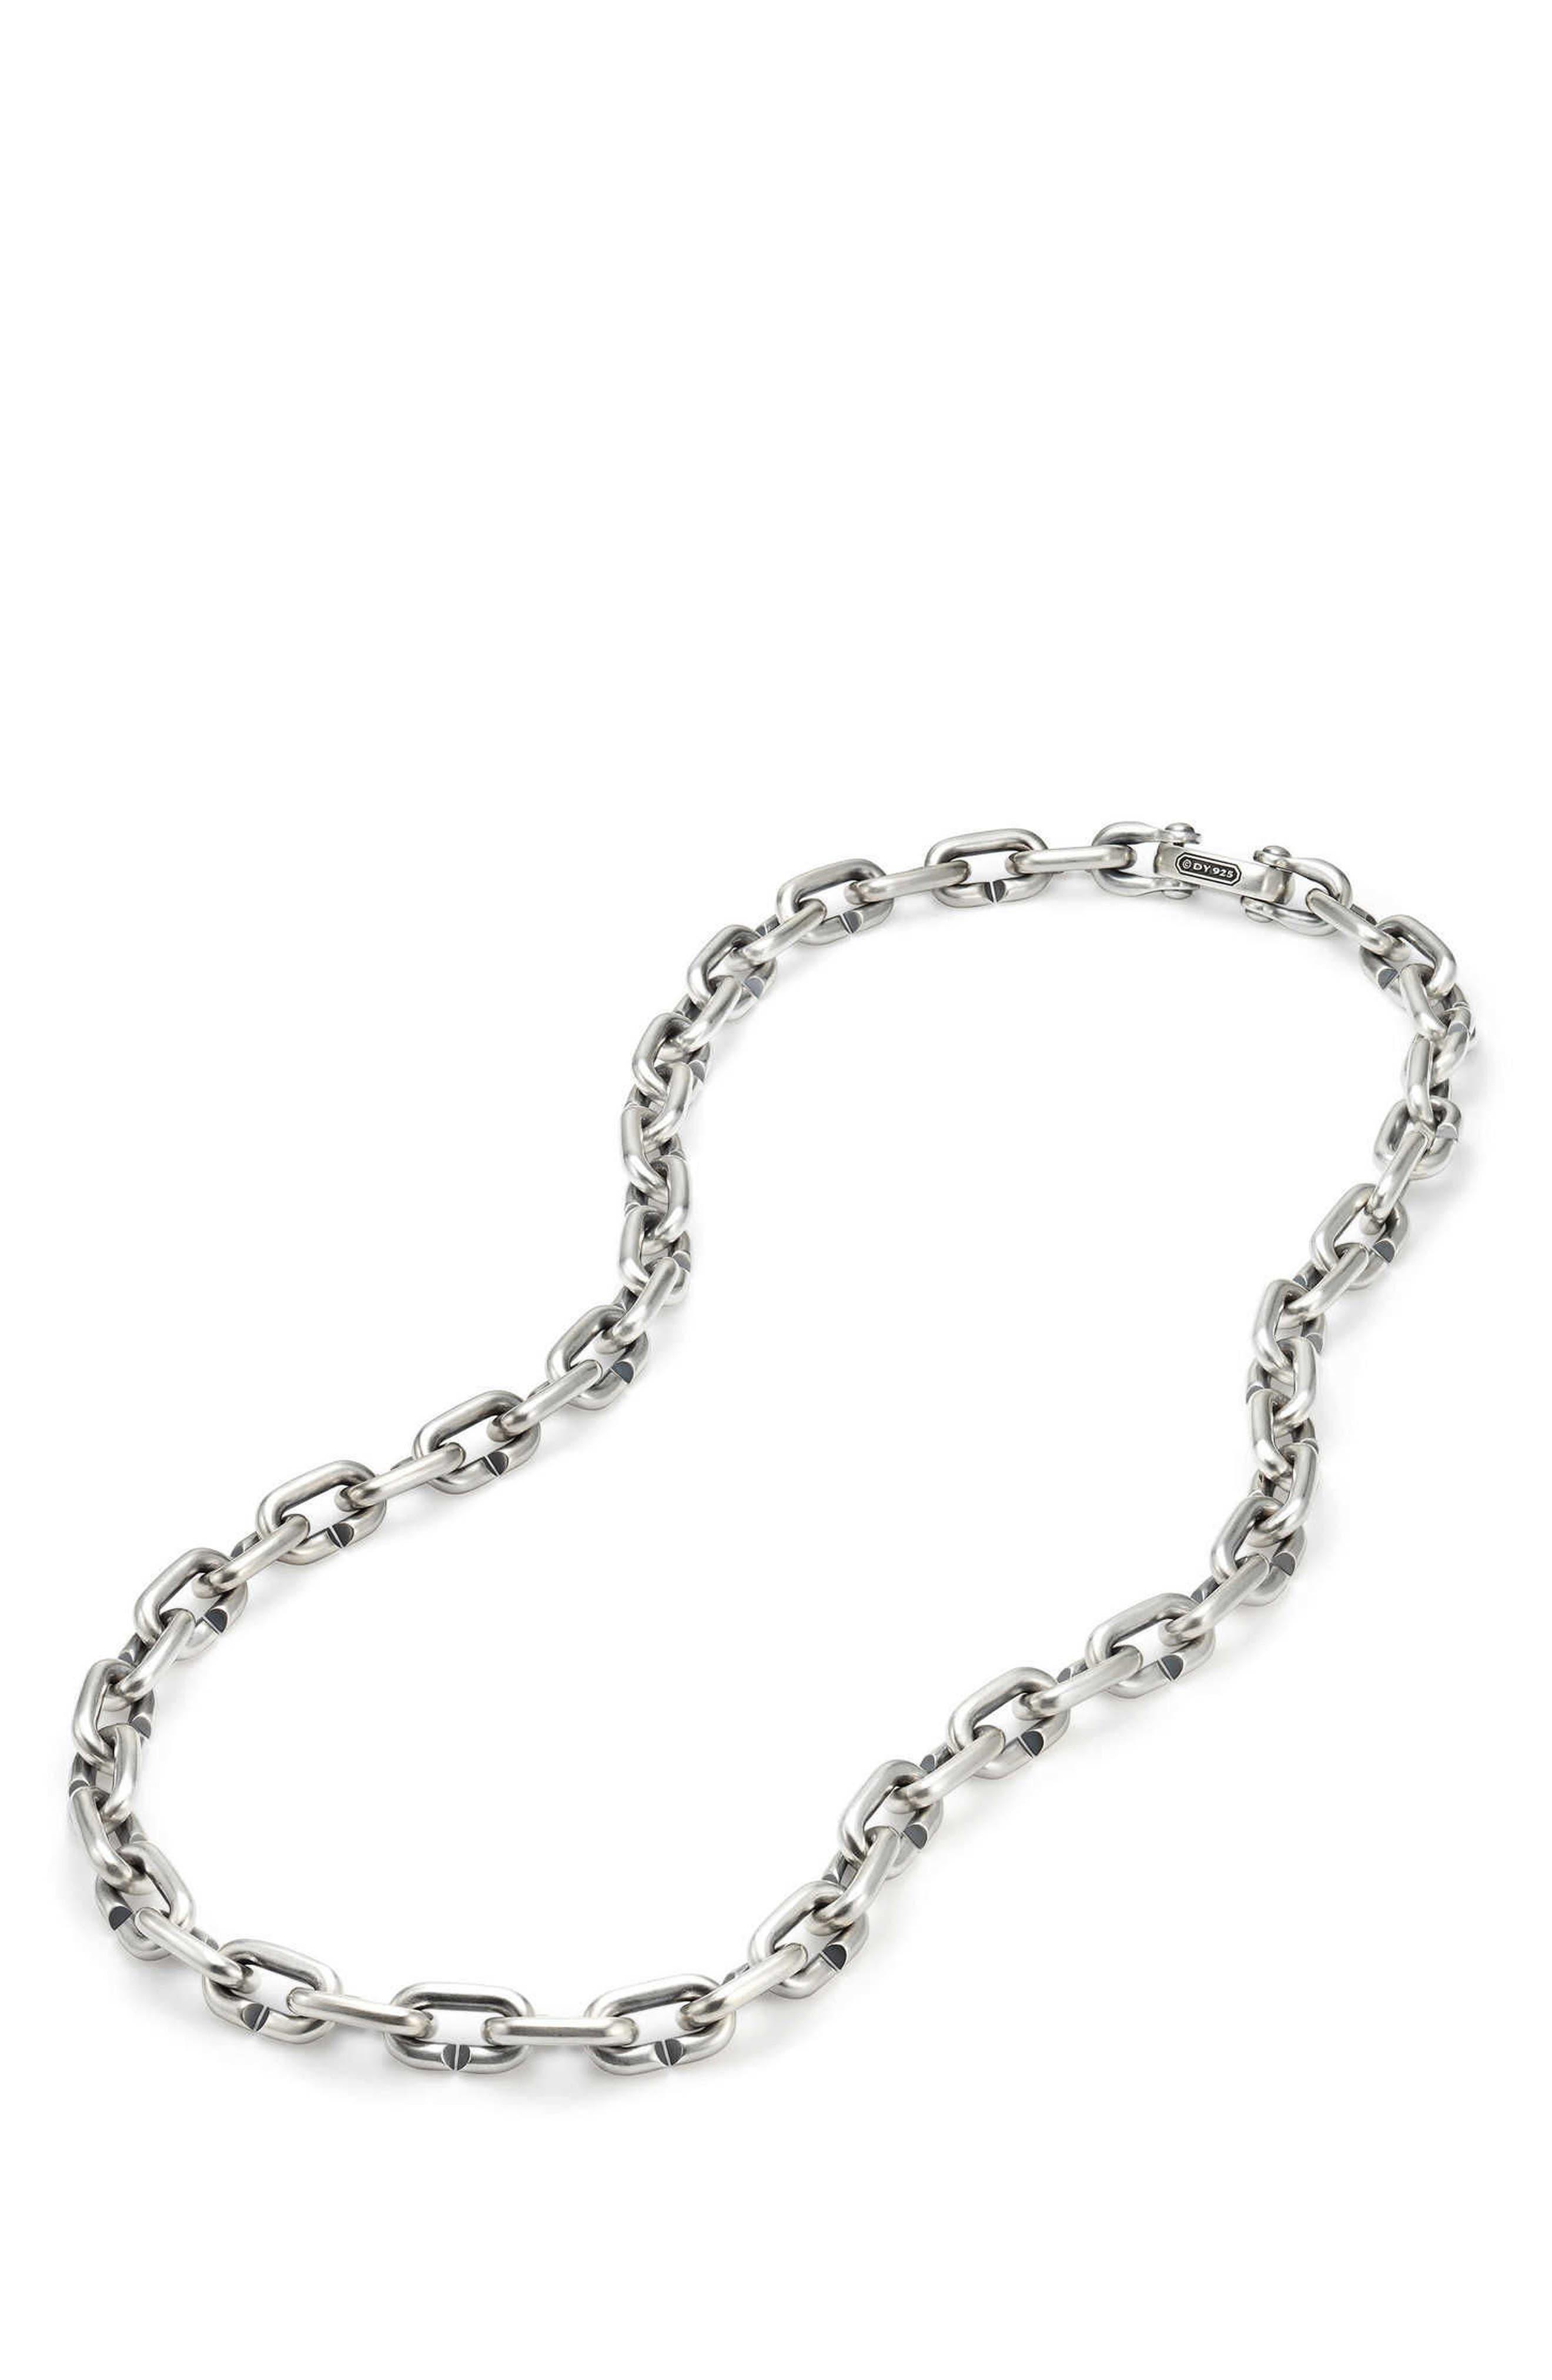 David Yurman Bold Chain Links Necklace